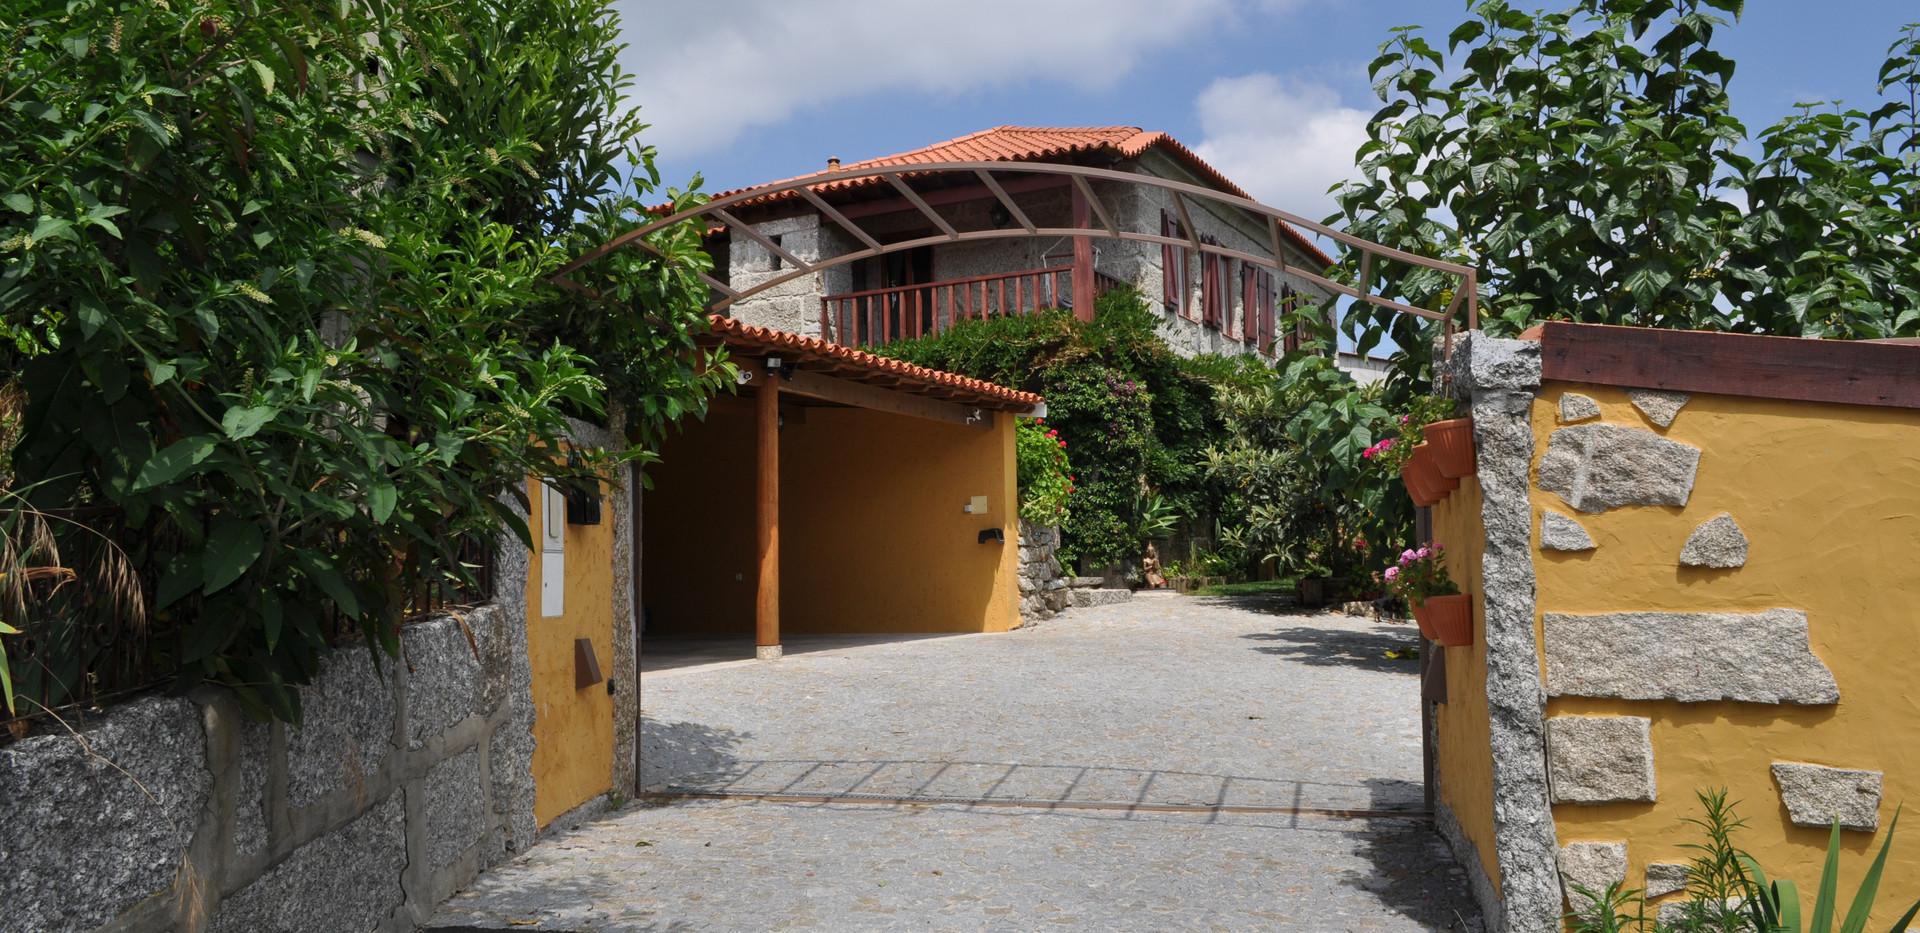 Maison Benfeitoria